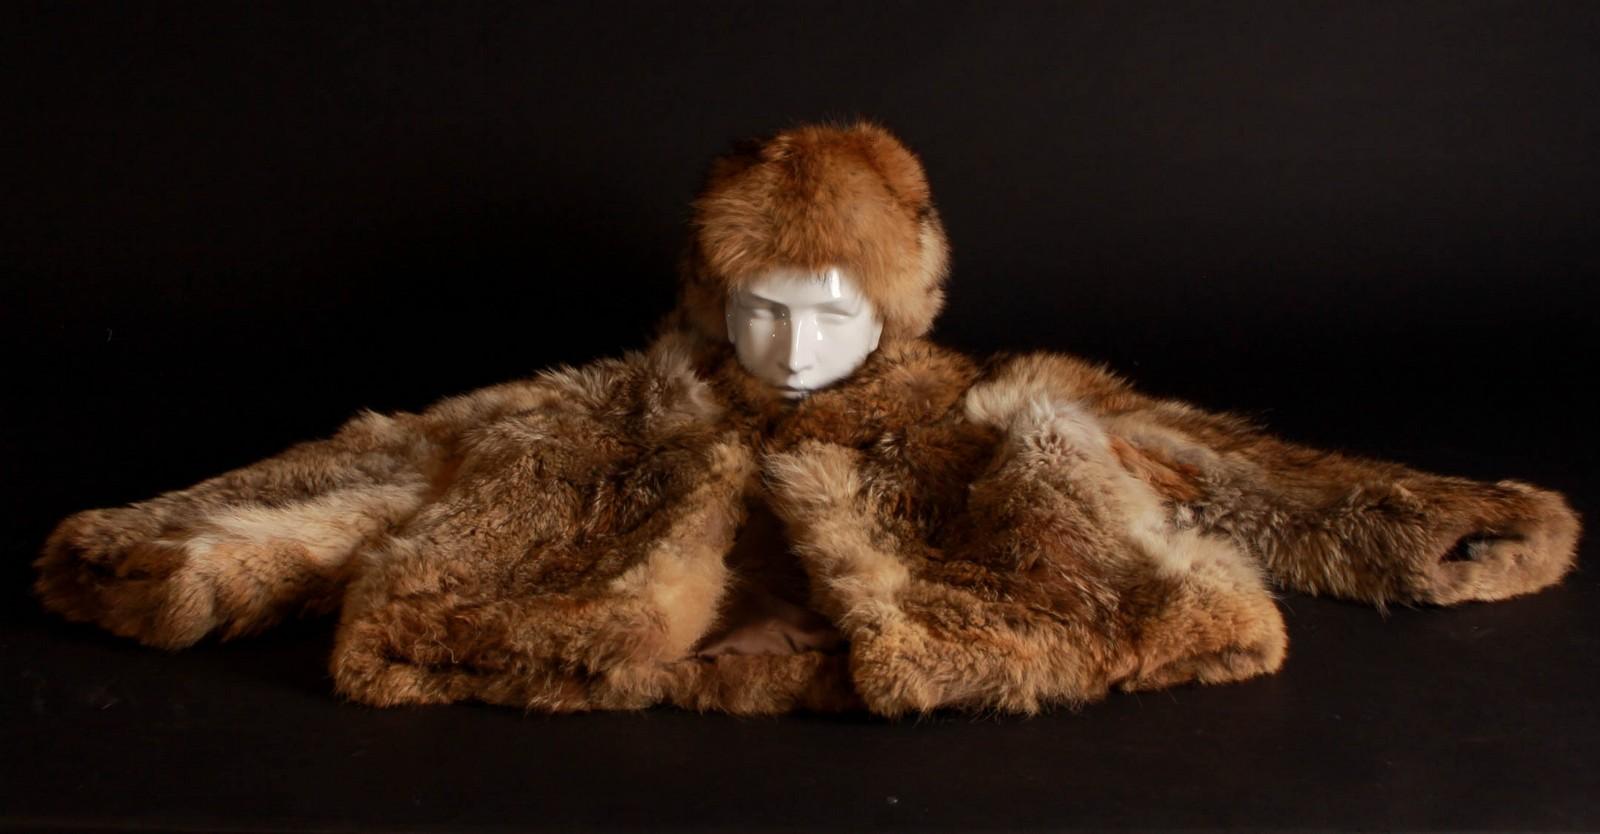 Pelsjakke og pelshat af skandinavisk rød ræv - Pelsjakke og pelshat af skandinavisk rød ræv med indstikslommer samt hægtelukning. Ryglængde 75 cm. Ærmelængde 63 cm. Ryg-brystmål ca. 110 cm. Med brugsspor str. 38